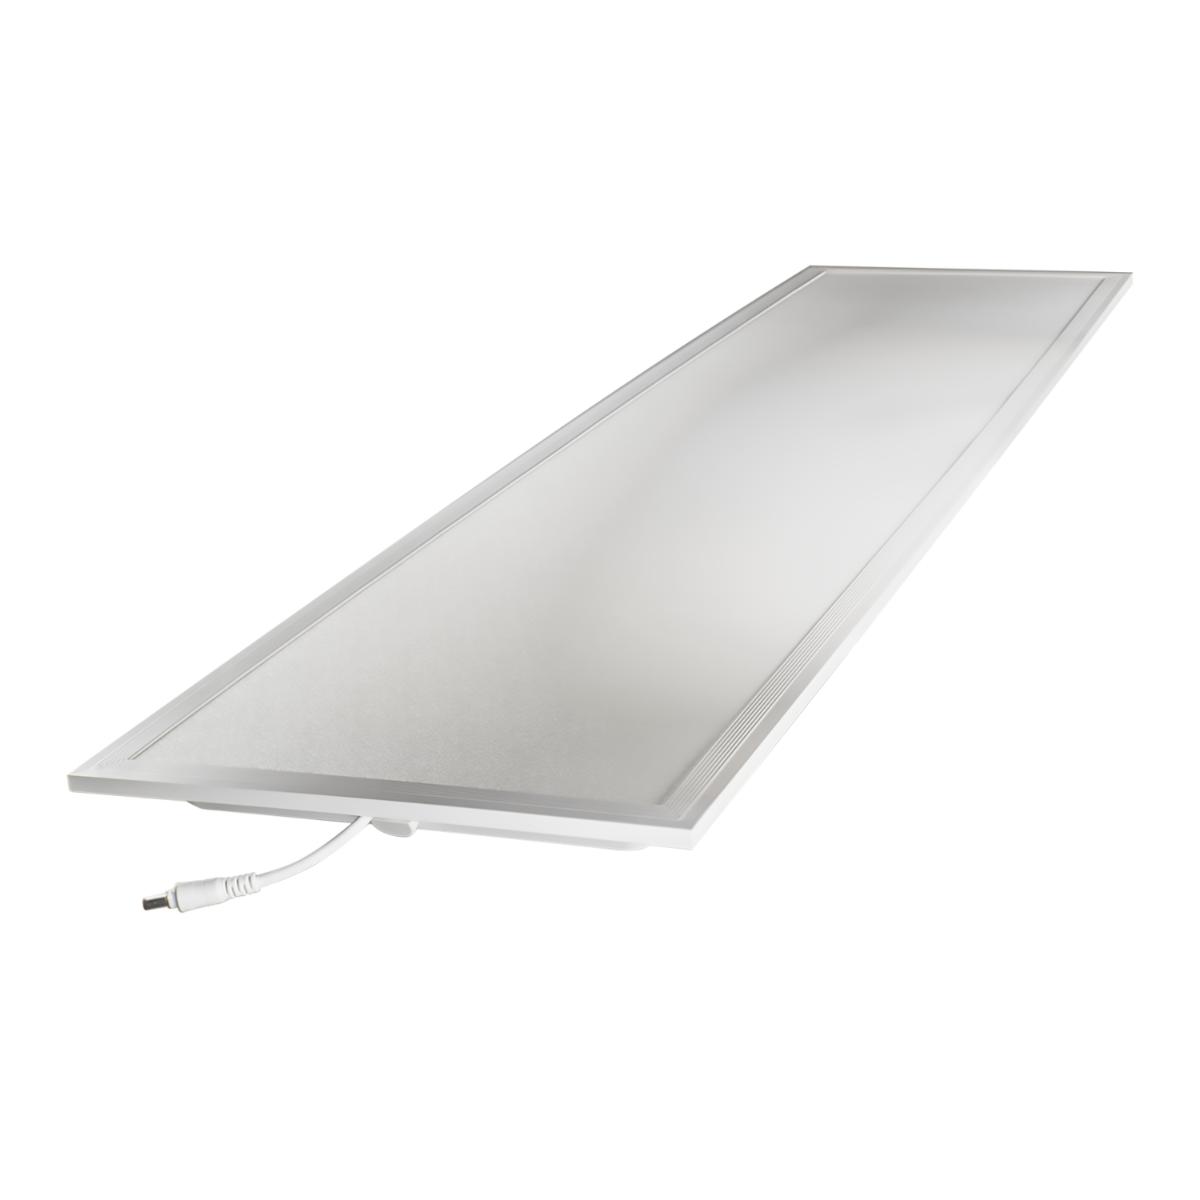 Noxion Delta Pro LED Panel UGR<19 V2.0 30W 4110lm 4000K 300x1200+ GST18 Männlich + Xitanium | Kaltweiß